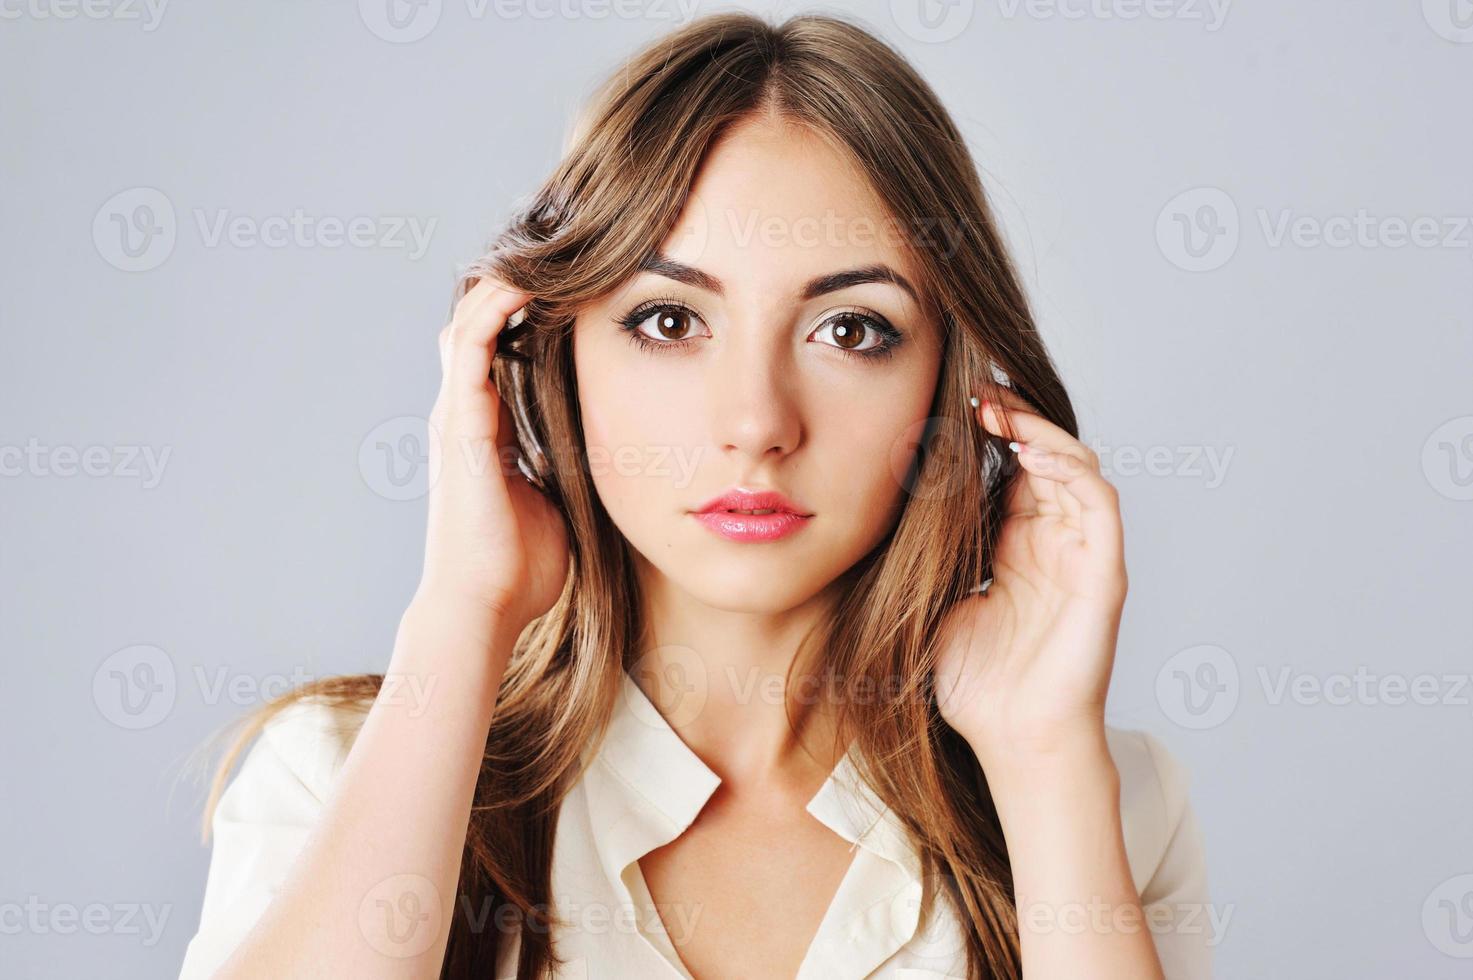 portret van jonge blanke vrouw. foto